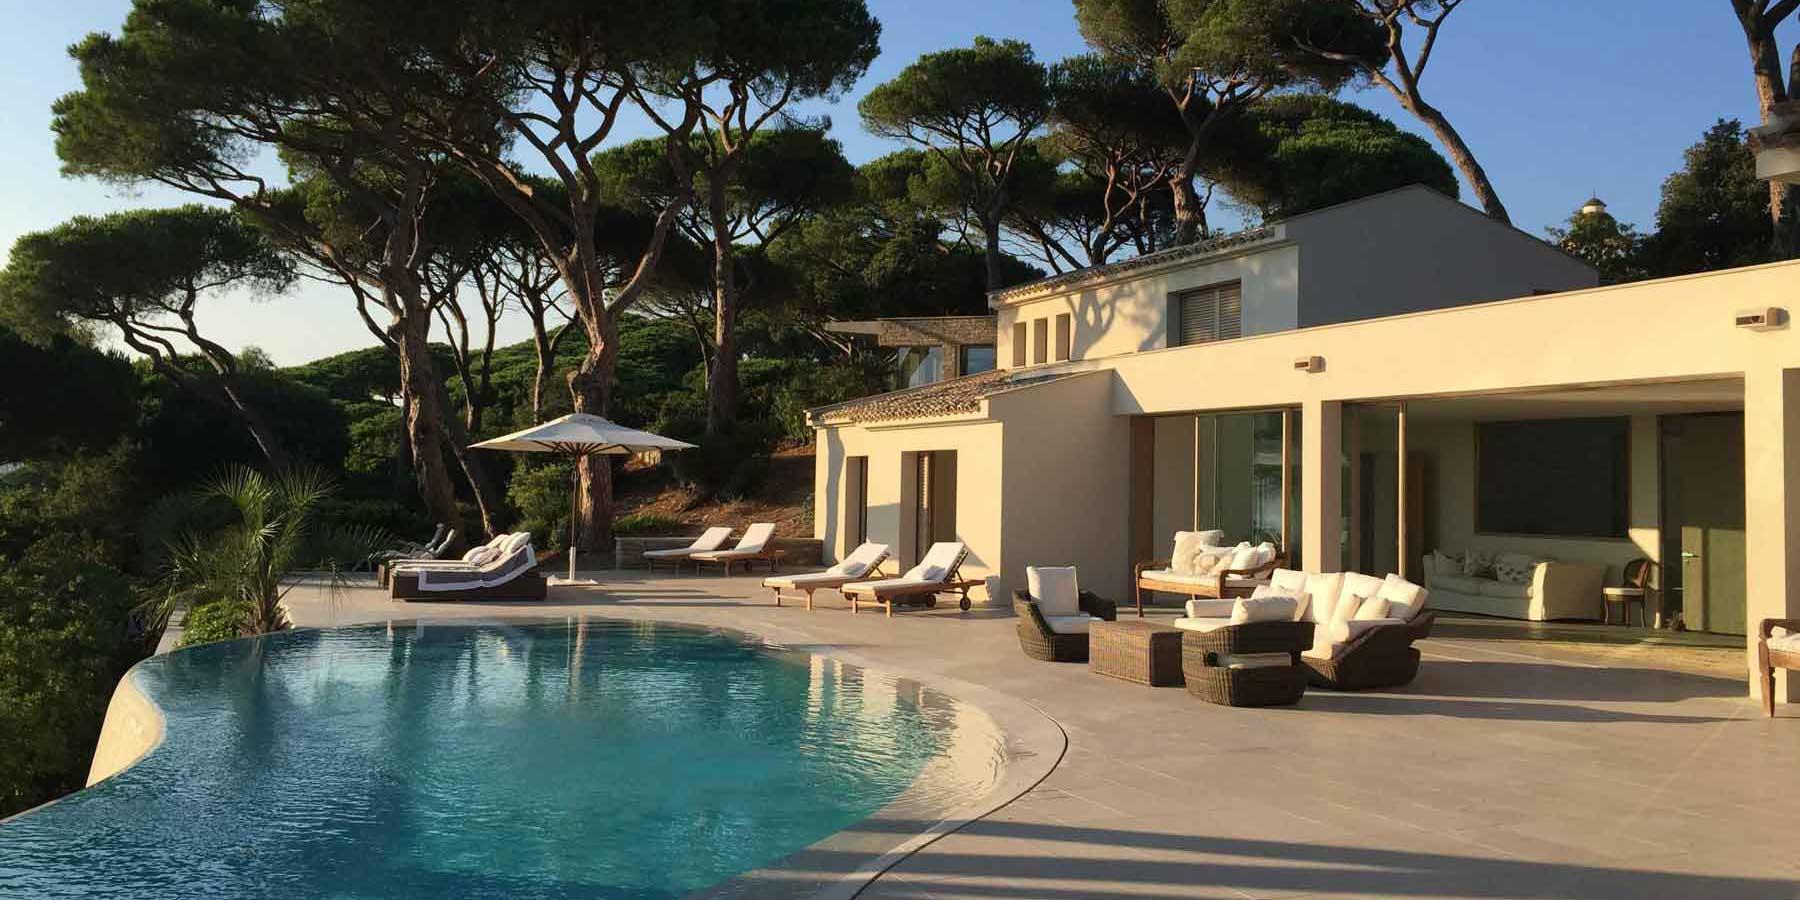 Villa a Saint Tropez realizzata con i serramenti della Collezione Skyline Minimal Frames